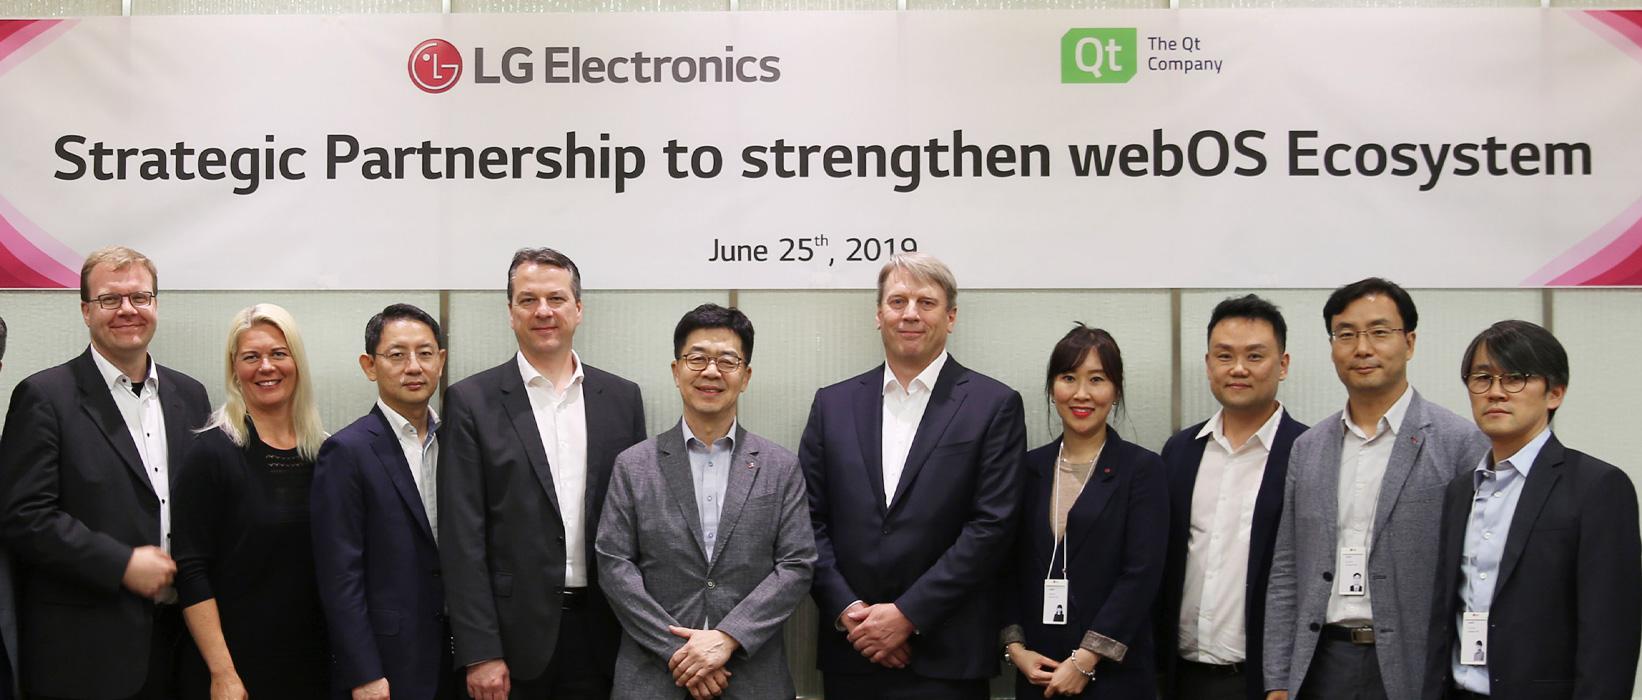 Az LG kibővíti partneri kapcsolatát a Qt-vel a webOS-t futtató beágyazott rendszerek terén